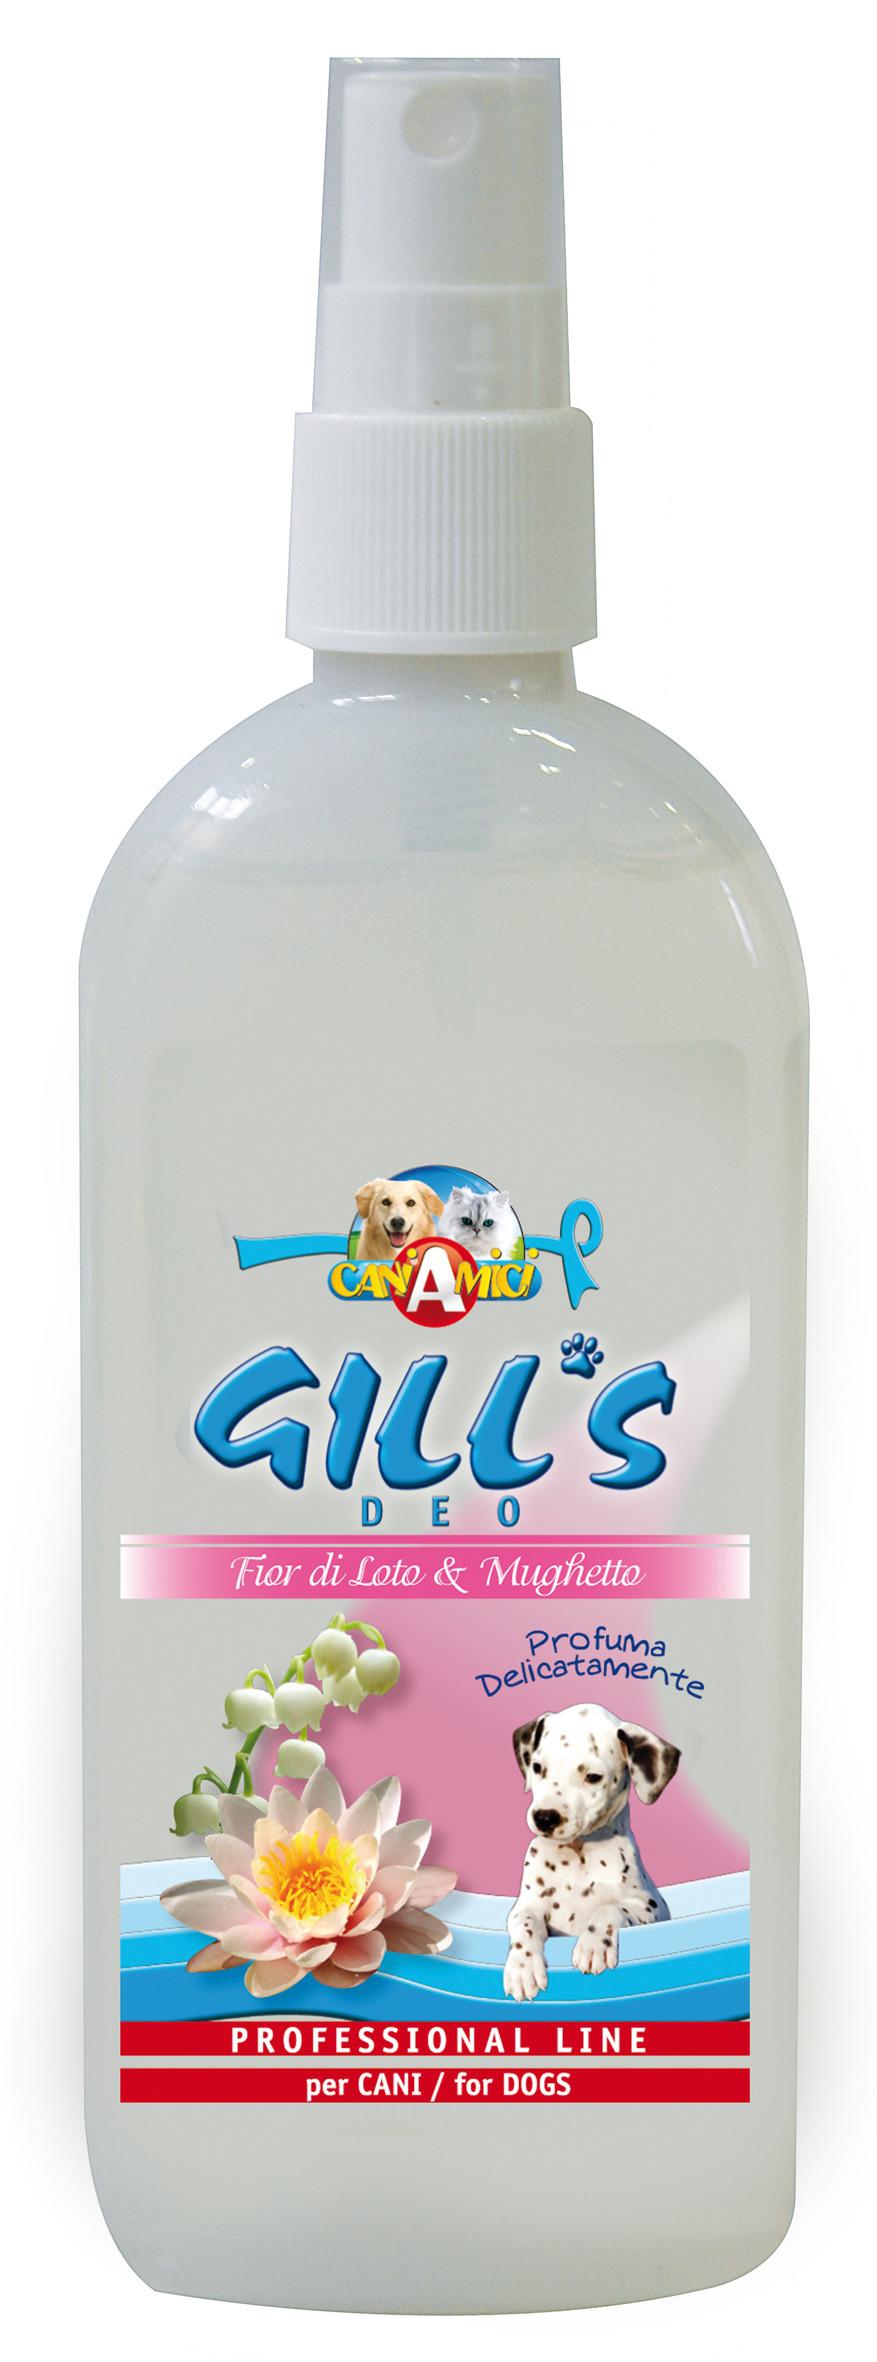 Image of Gill's Deodorante 150 ml Fior Di Loto E Mughetto 9018379